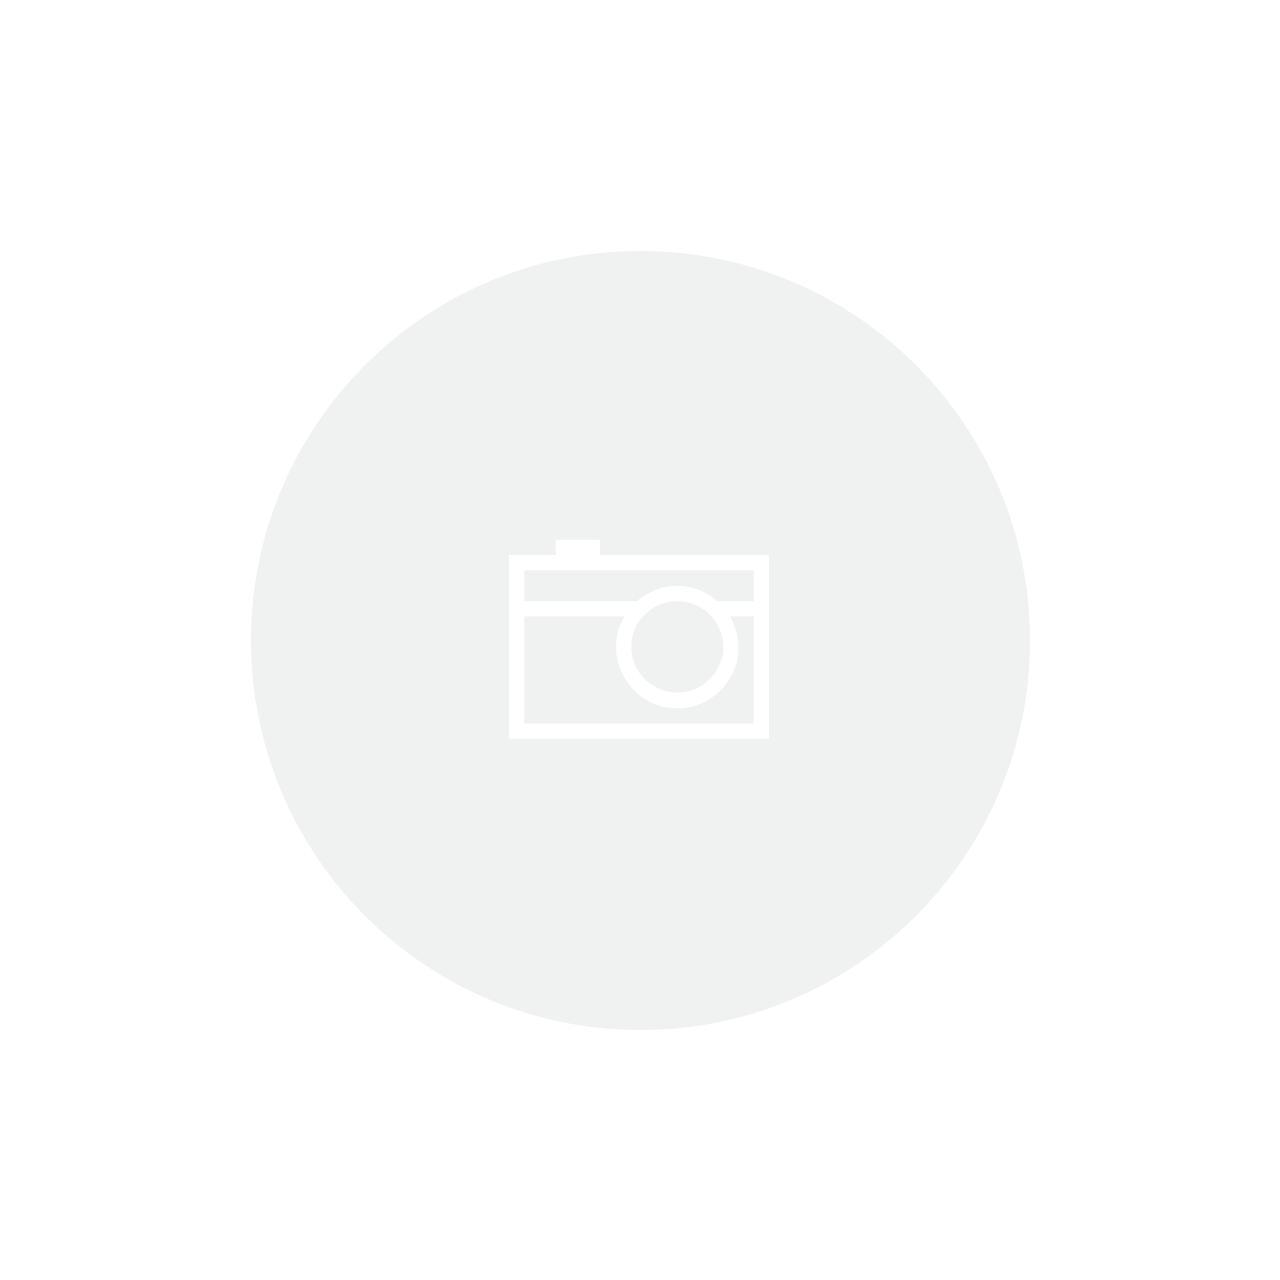 Soprador Kyklon Maxx + Guia de Nylon & Rasqueadeira Clássica ProPetz